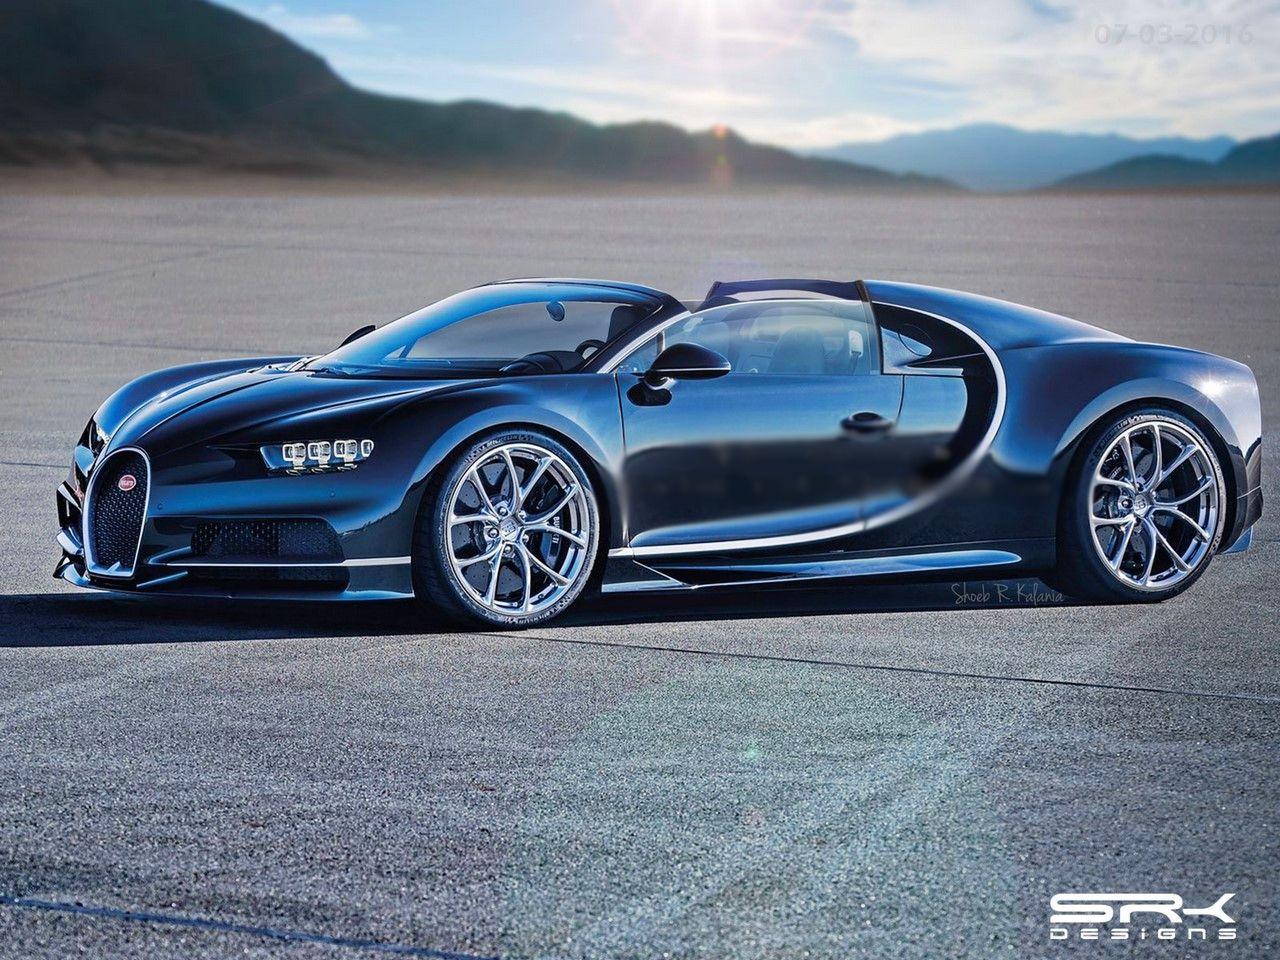 2018 bugatti chiron grand sport convertible s r m